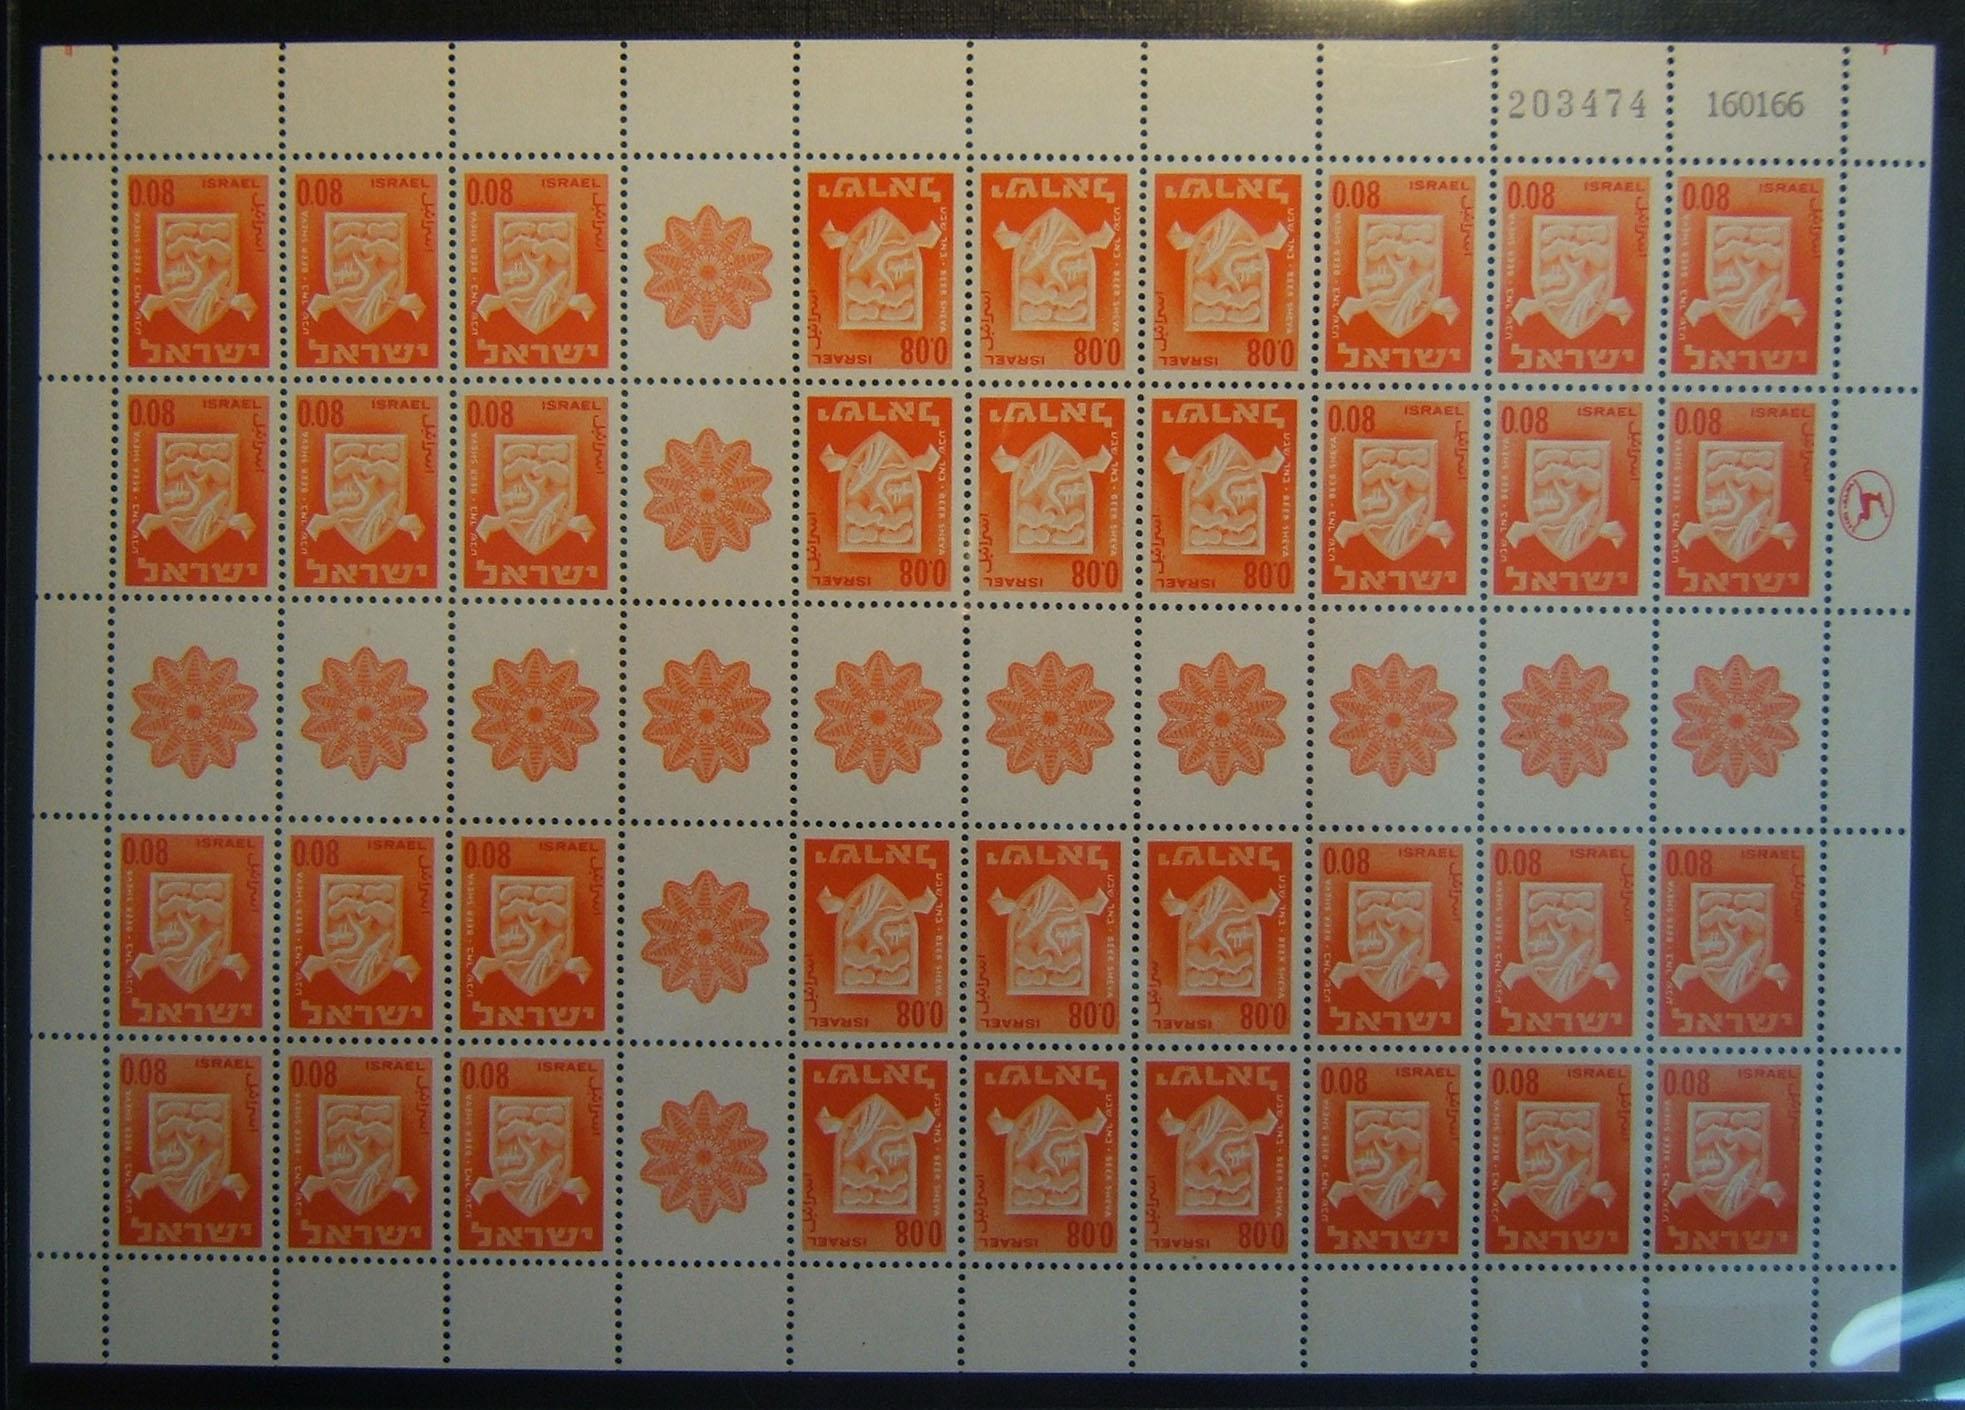 1965/67 1. Stadt Embleme 0,08£ tete beche Blatt (Ba Irs.21), postfrisch